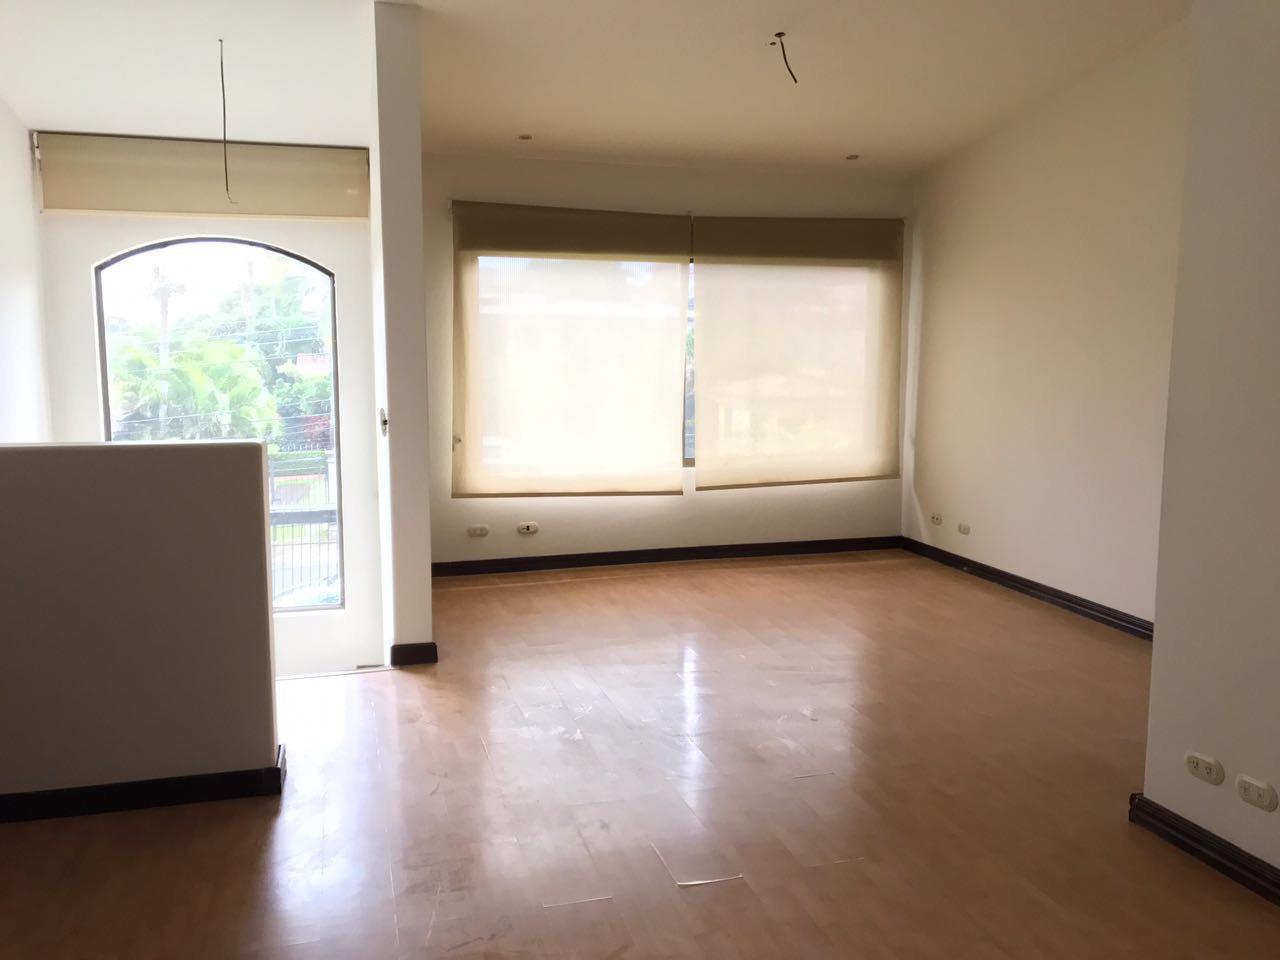 condo for rent near distrito 4